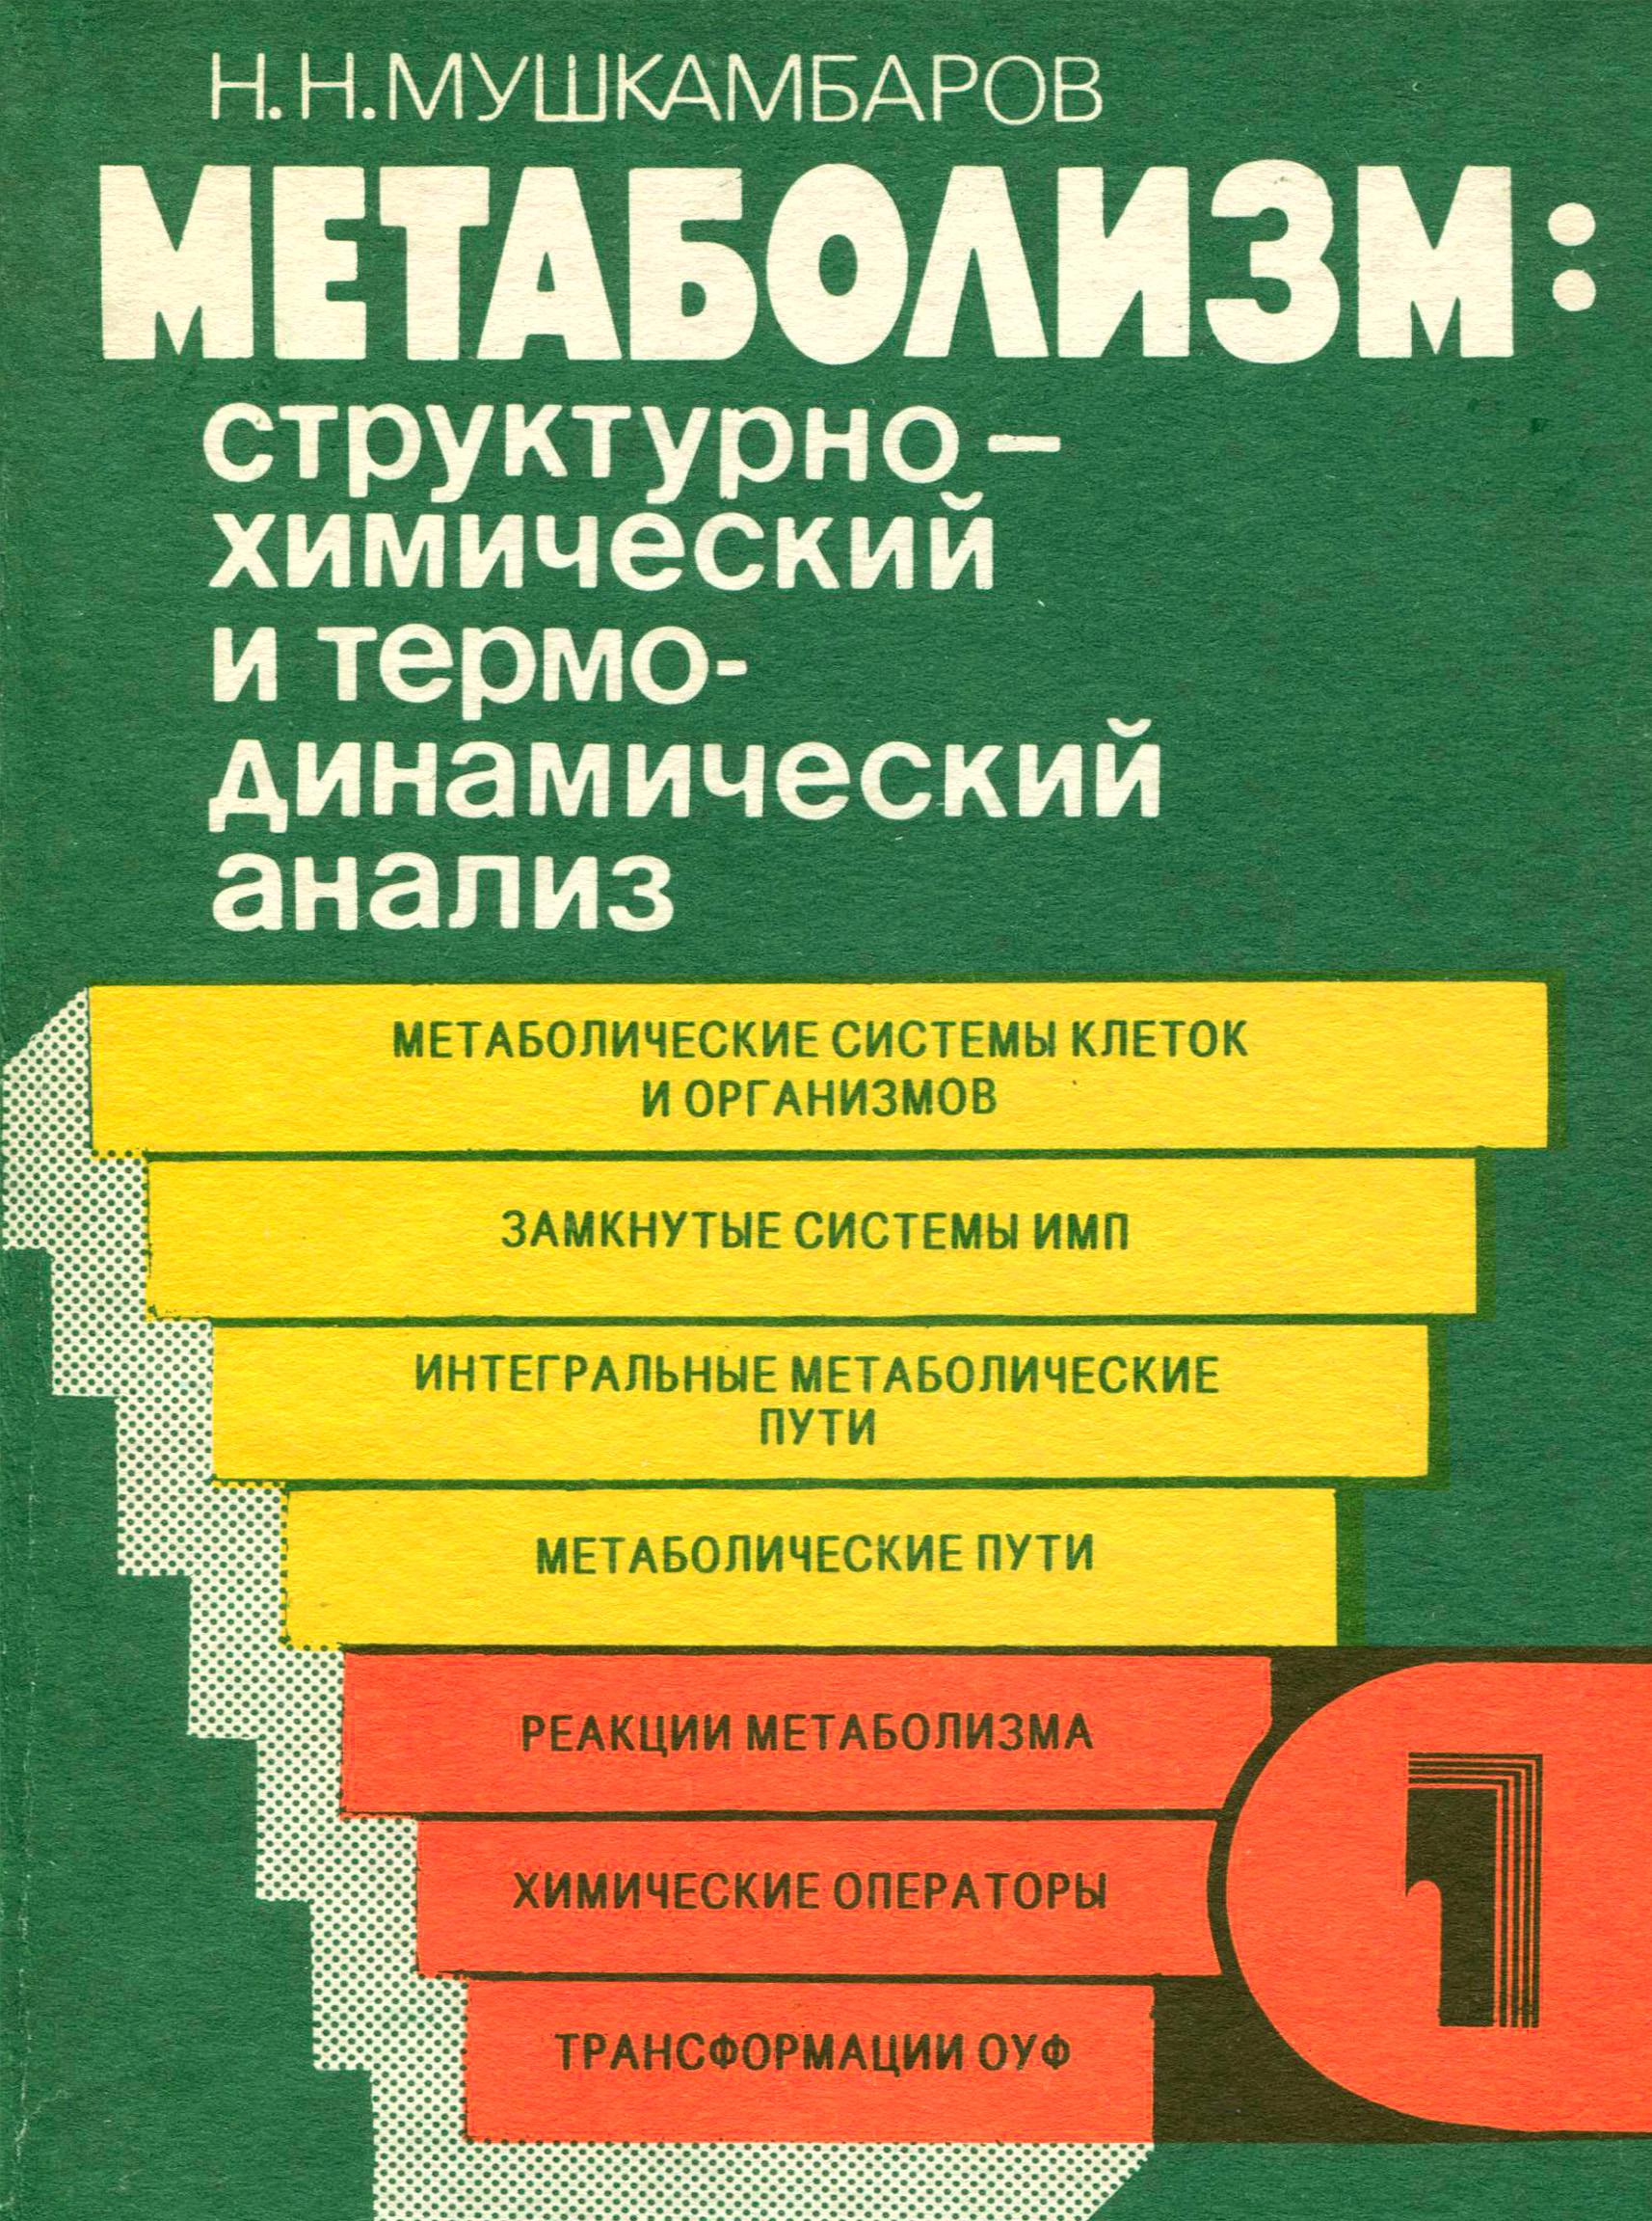 купить Н. Н. Мушкамбаров Метаболизм: структурно-химический и термодинамический анализ. Том 1 дешево